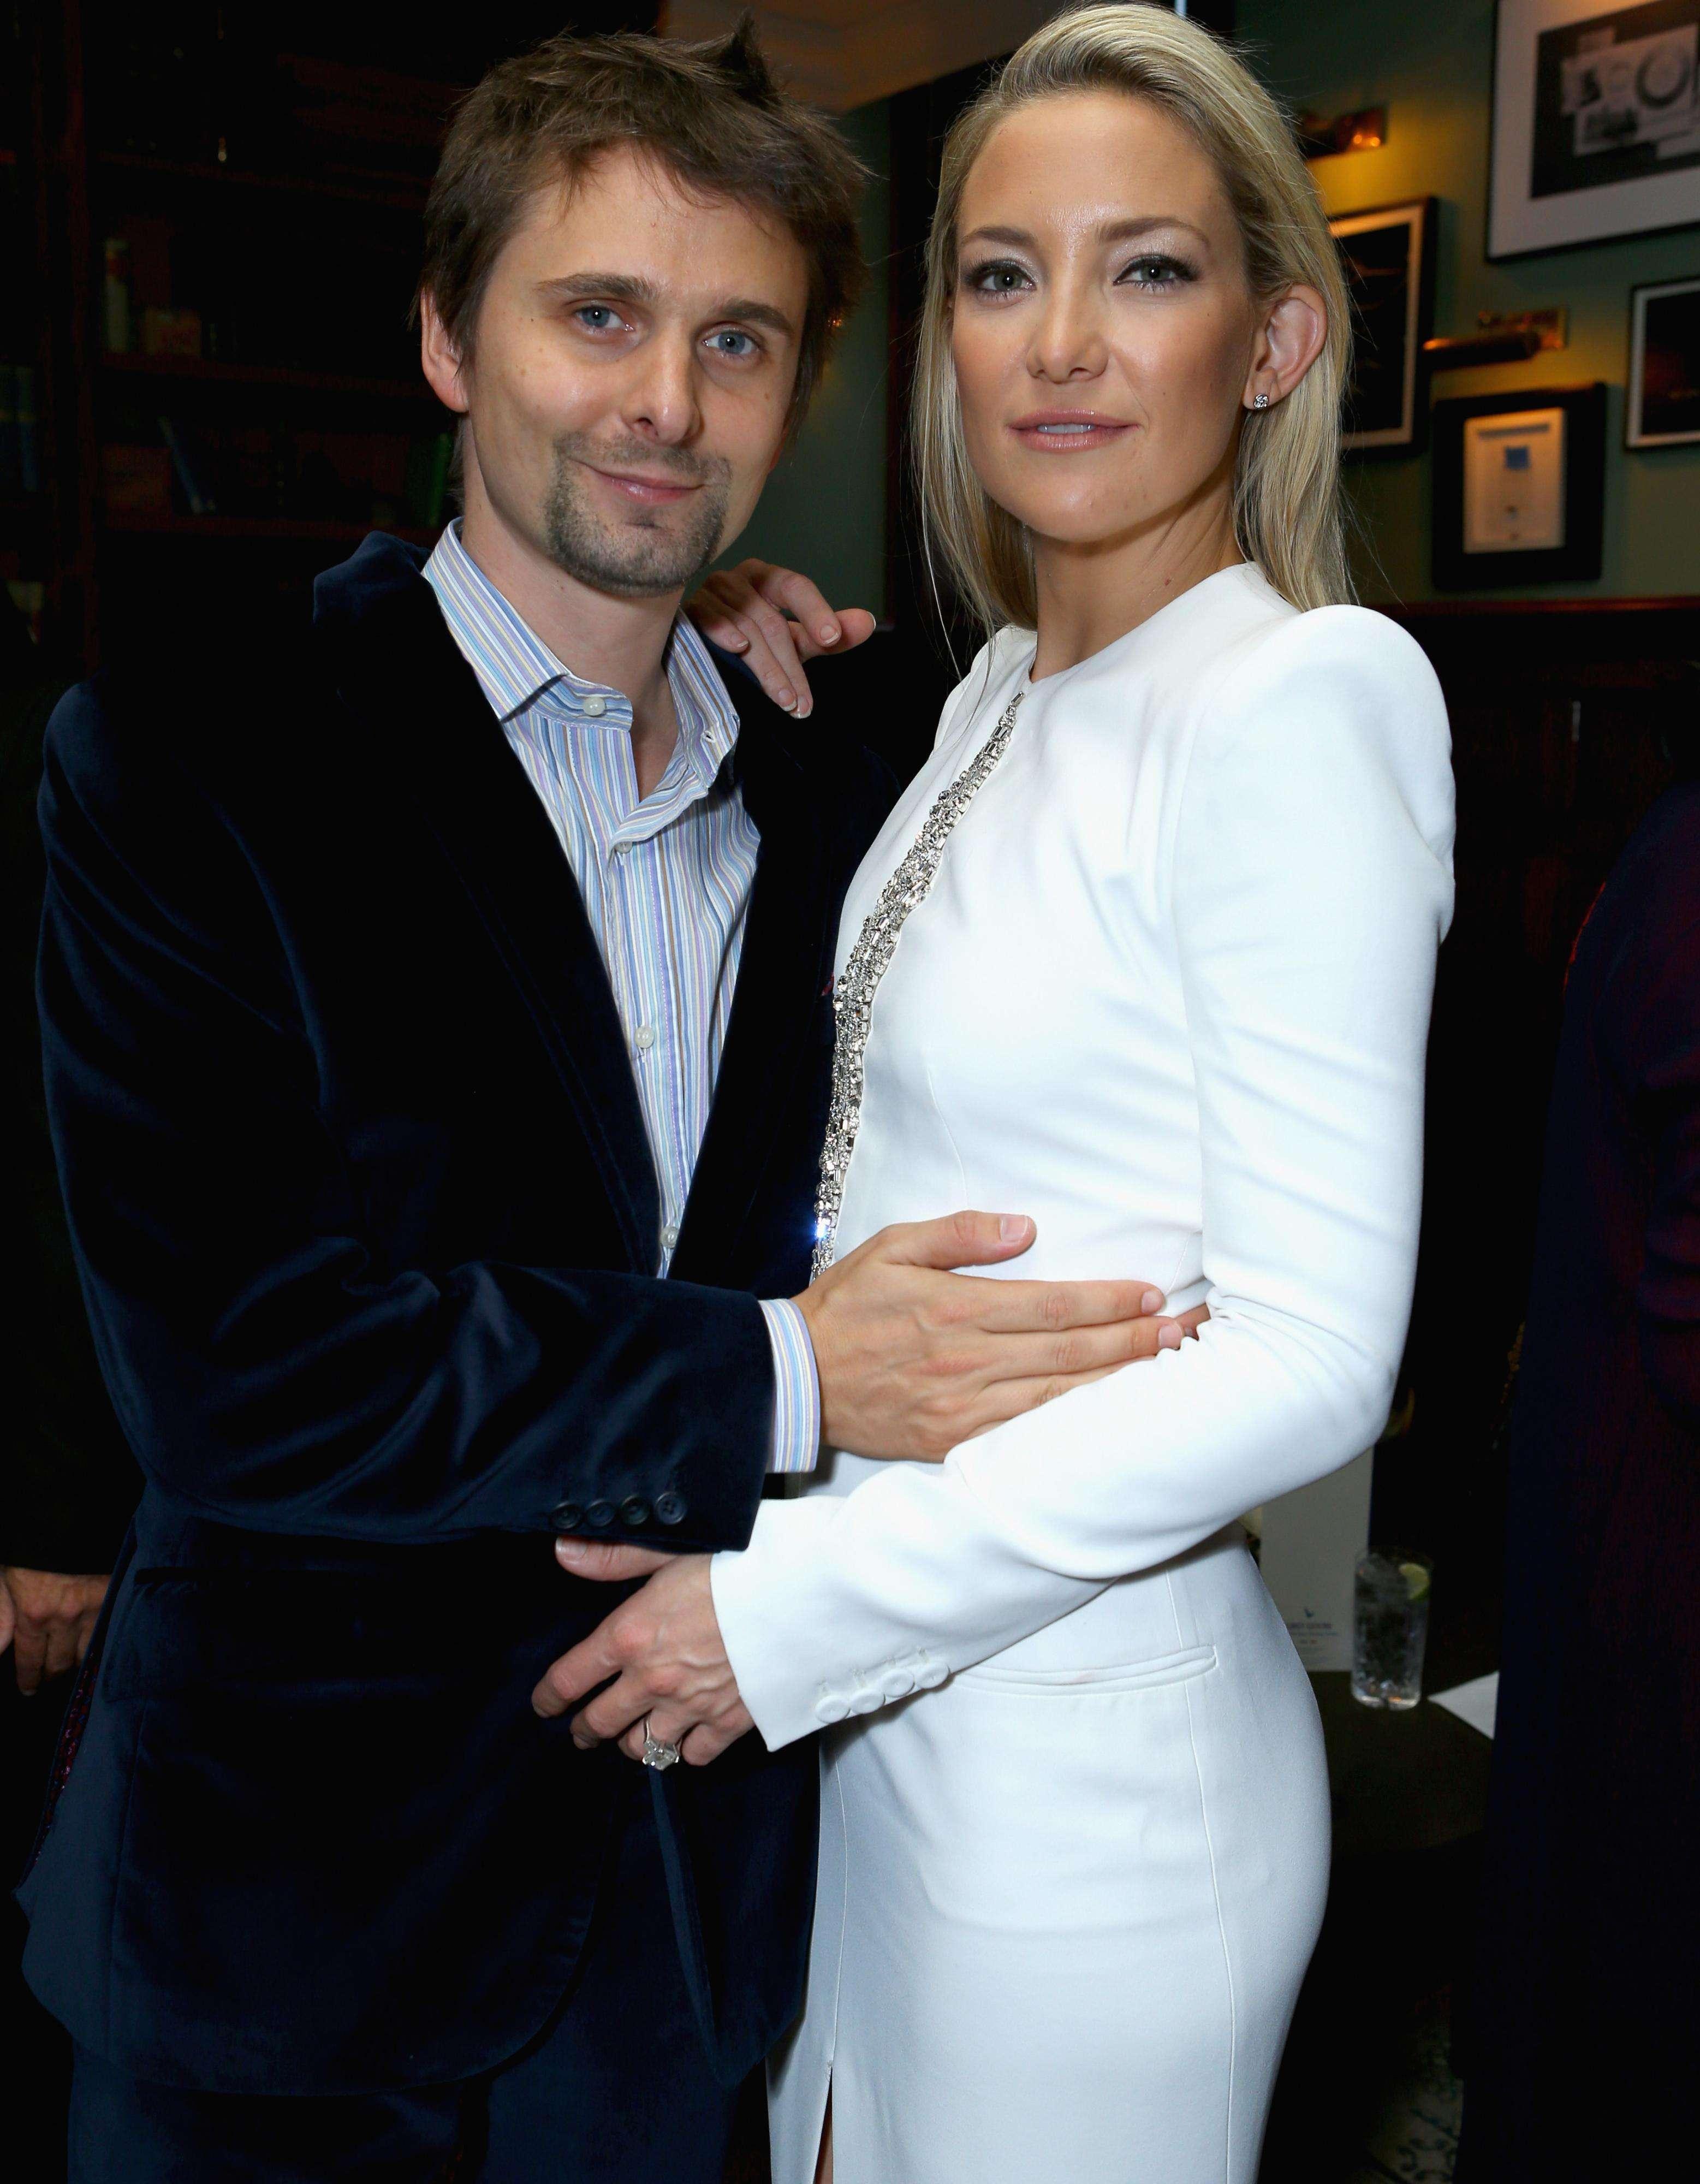 El representante de Kate Hudson confirmó la separación de la actriz con el cantante Matt Bellami. Foto: Getty Images